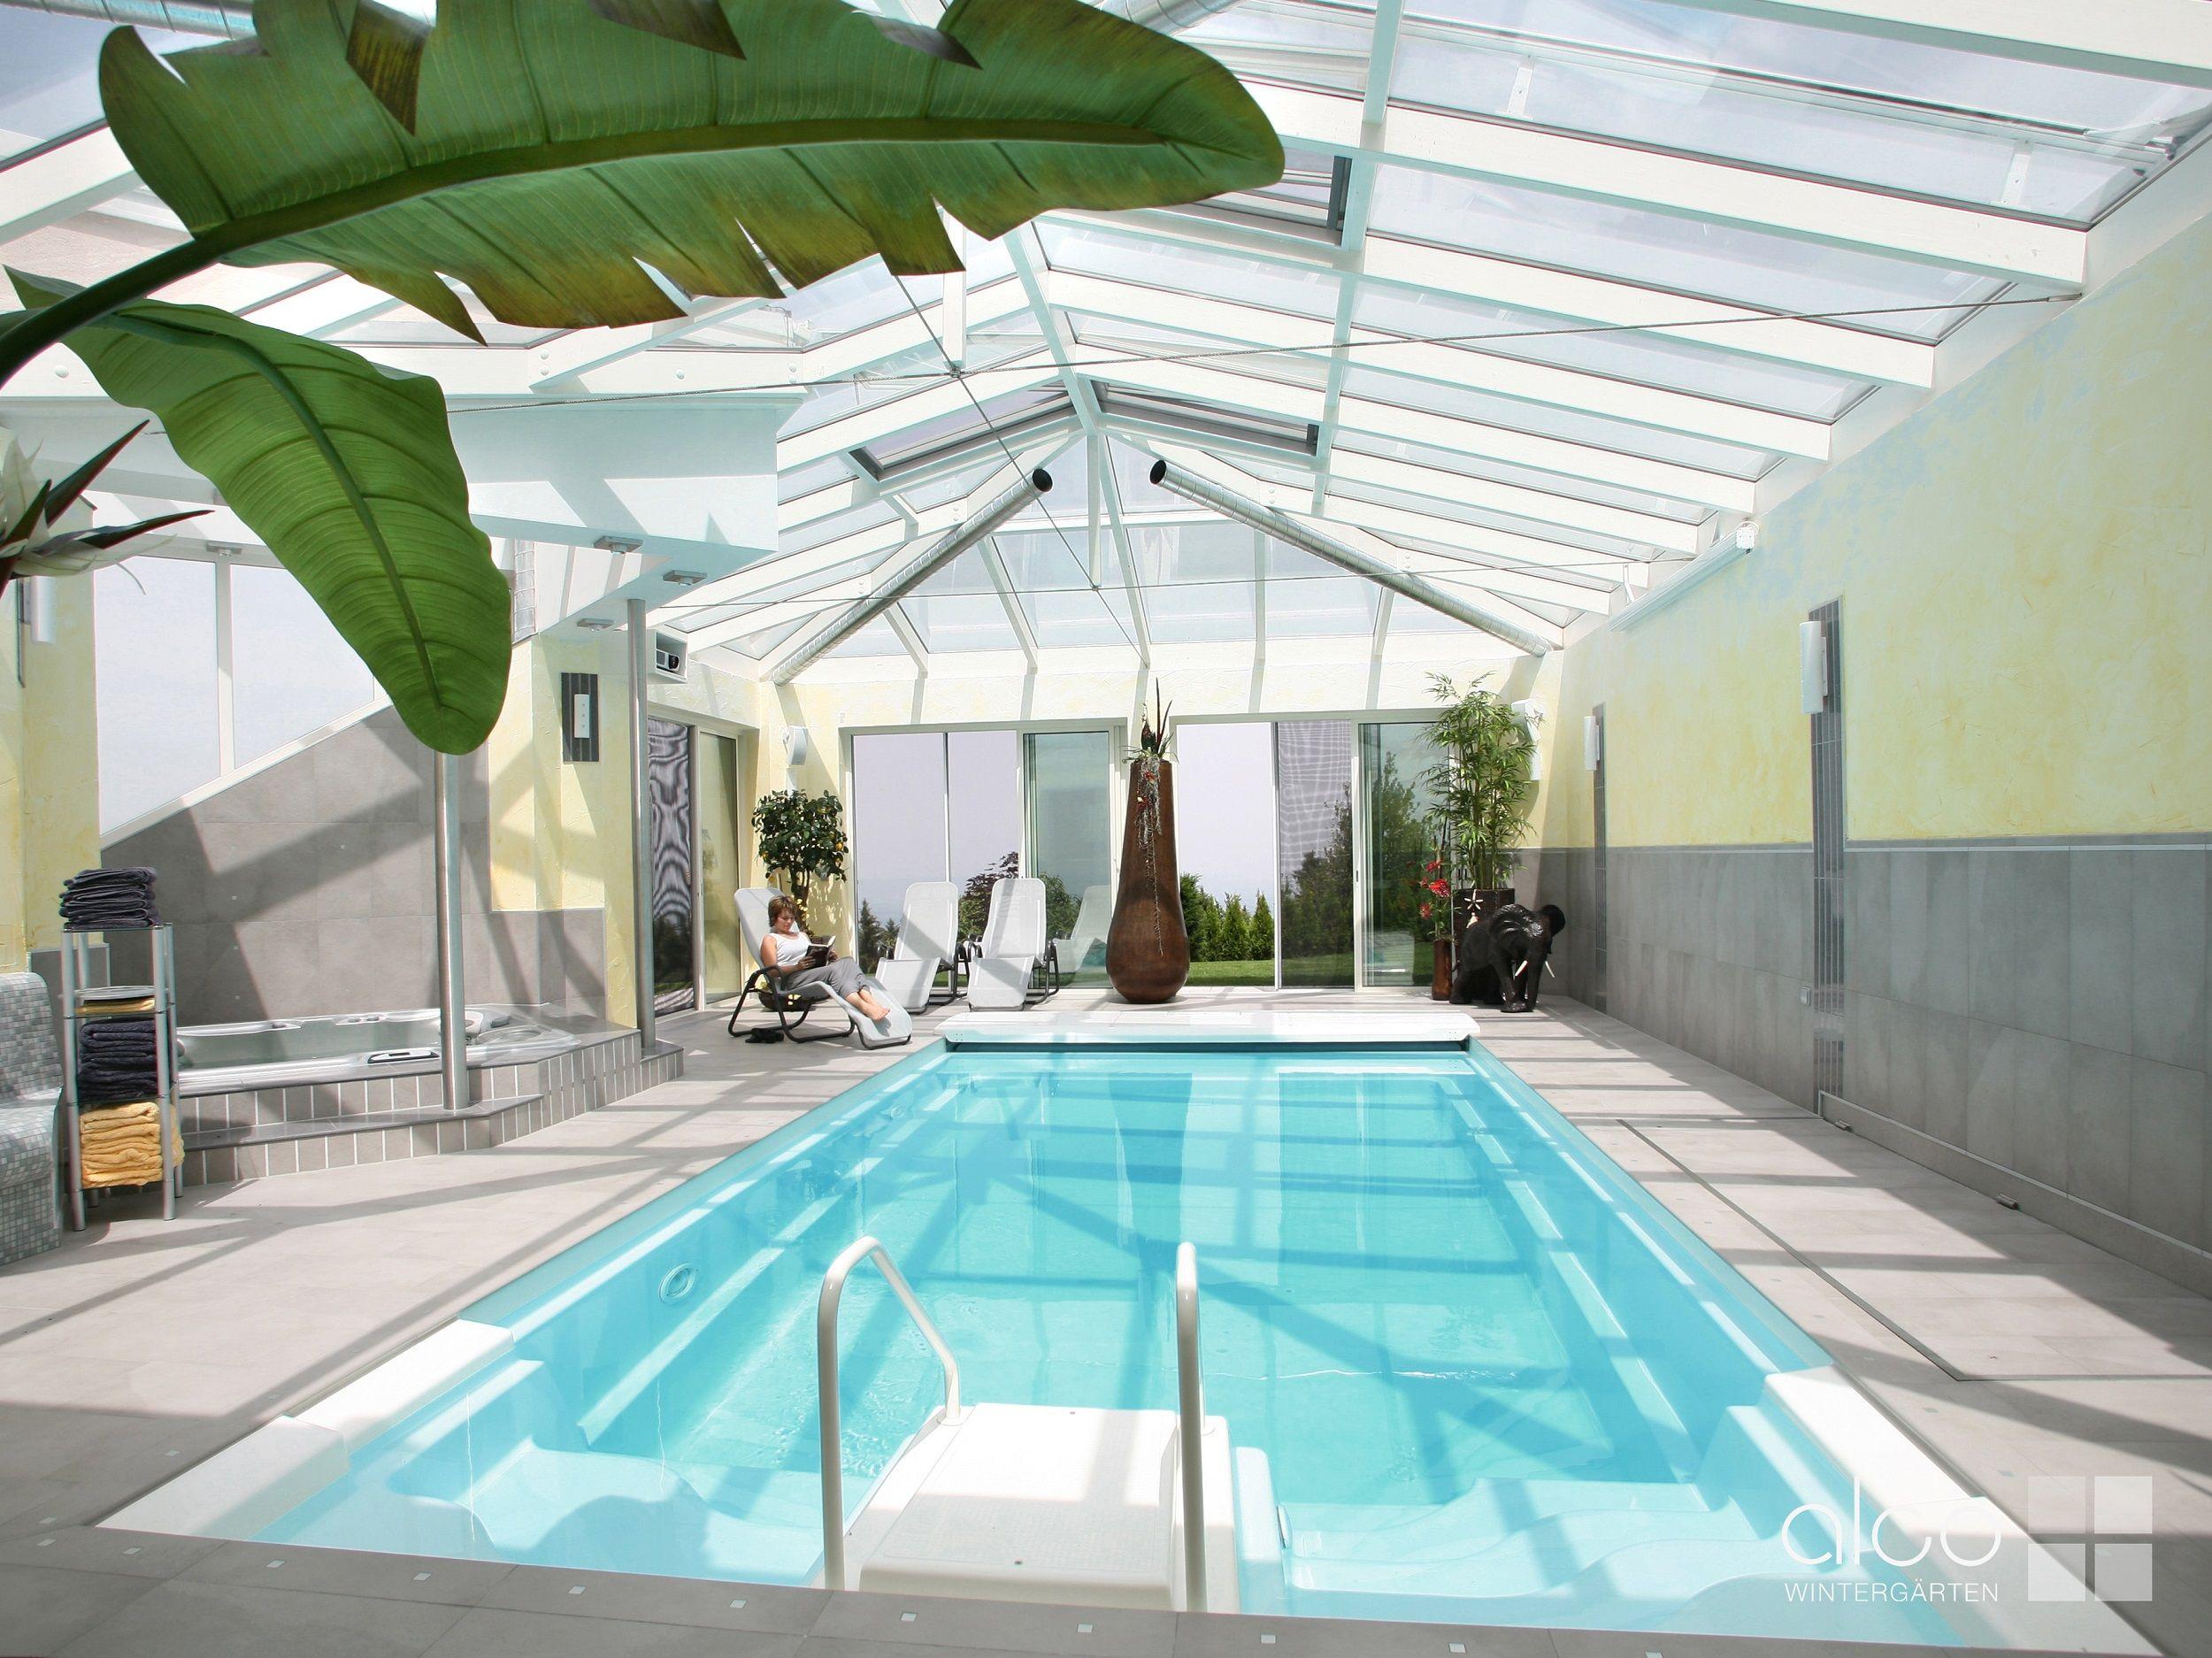 schwimmbad berdachungen aus holz glas oder alu von schwimmhallen pinterest glas. Black Bedroom Furniture Sets. Home Design Ideas